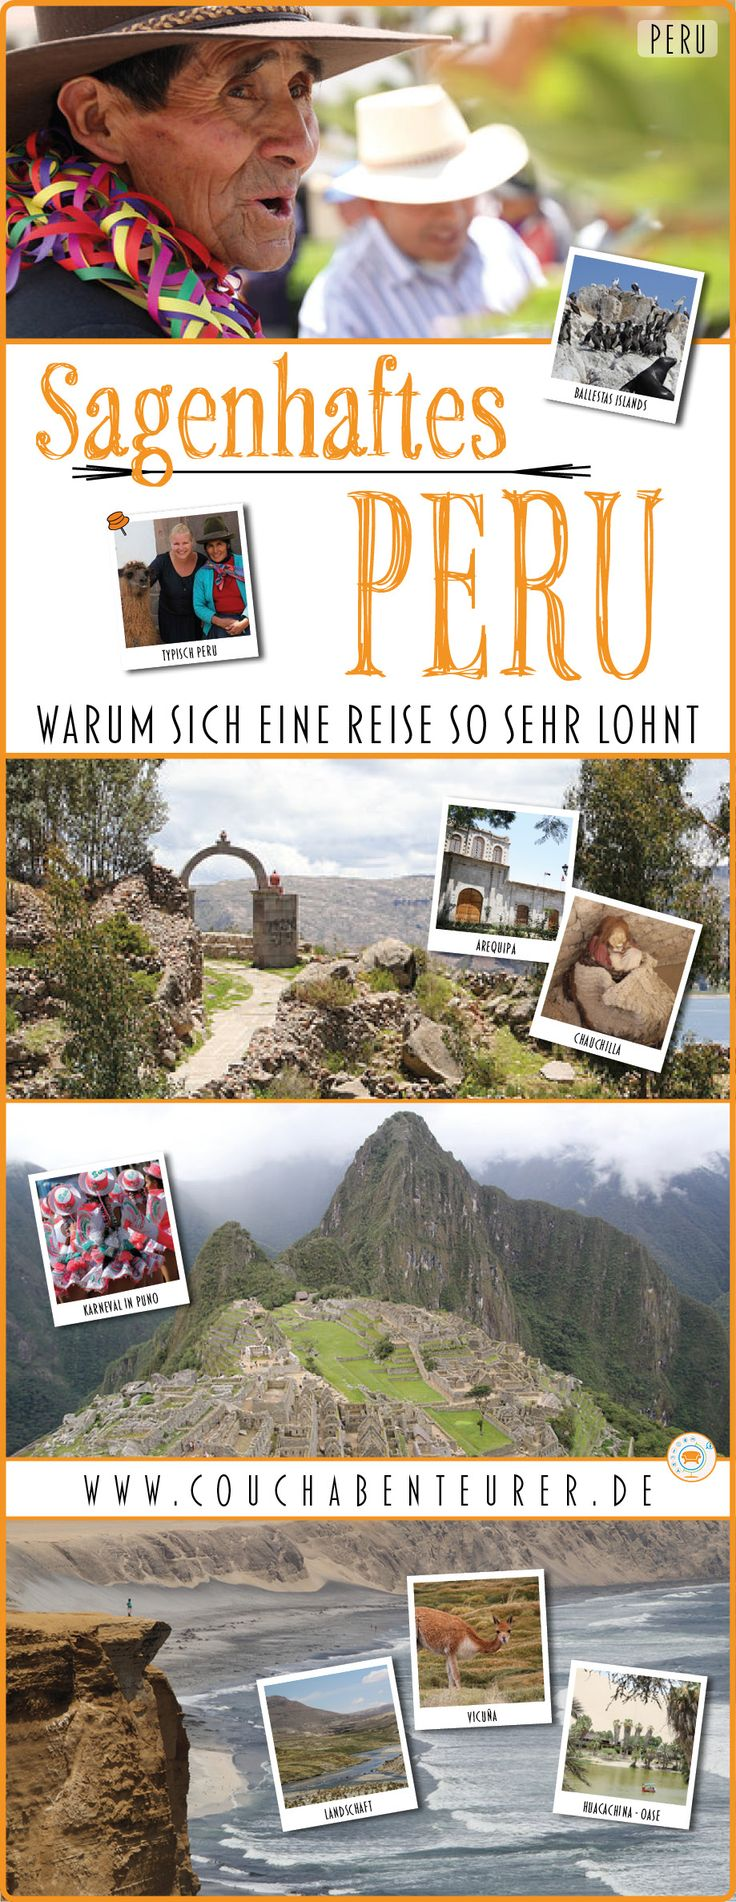 Peru ist ein sagenhaftes Land, was in keinem Fall auf Machu Picchu reduziert werden sollte. Es gibt so unfassbar viel zu entdecken von beeindruckenden Regenwäldern, über atemberaubende Wüsten, mystische Stätten, sowie einer sagenhaften Tier und Pflanzenwelt. Meine Bilder und Geschichten sollen dich inspirieren nach Peru zu reisen und all das selbst zu erleben!  #peru #reise #reiselblog #reiseblogger #reisen #urlaub #ferien #travel #travelblog #travelblogger #arequipa #cusco #machupicchu…